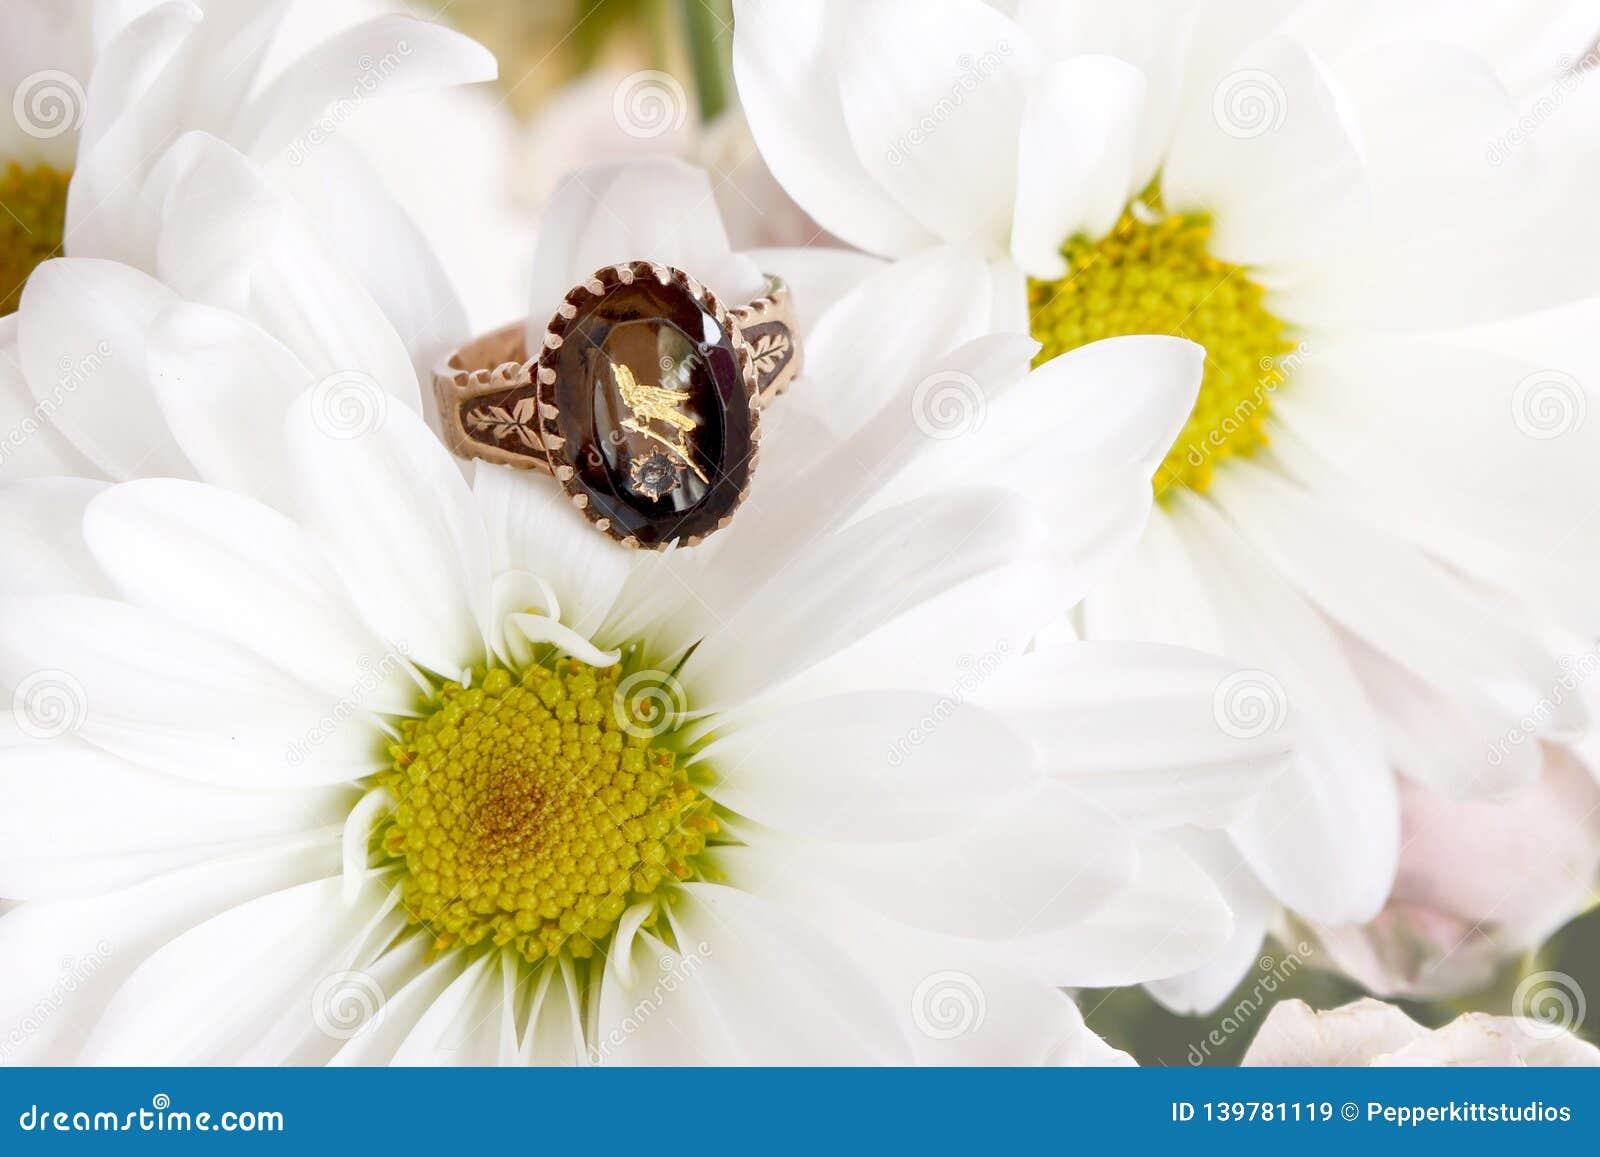 Améthyste victorienne Rose Gold Ring avec l oiseau gravé à l eau-forte sur Daisy Mums